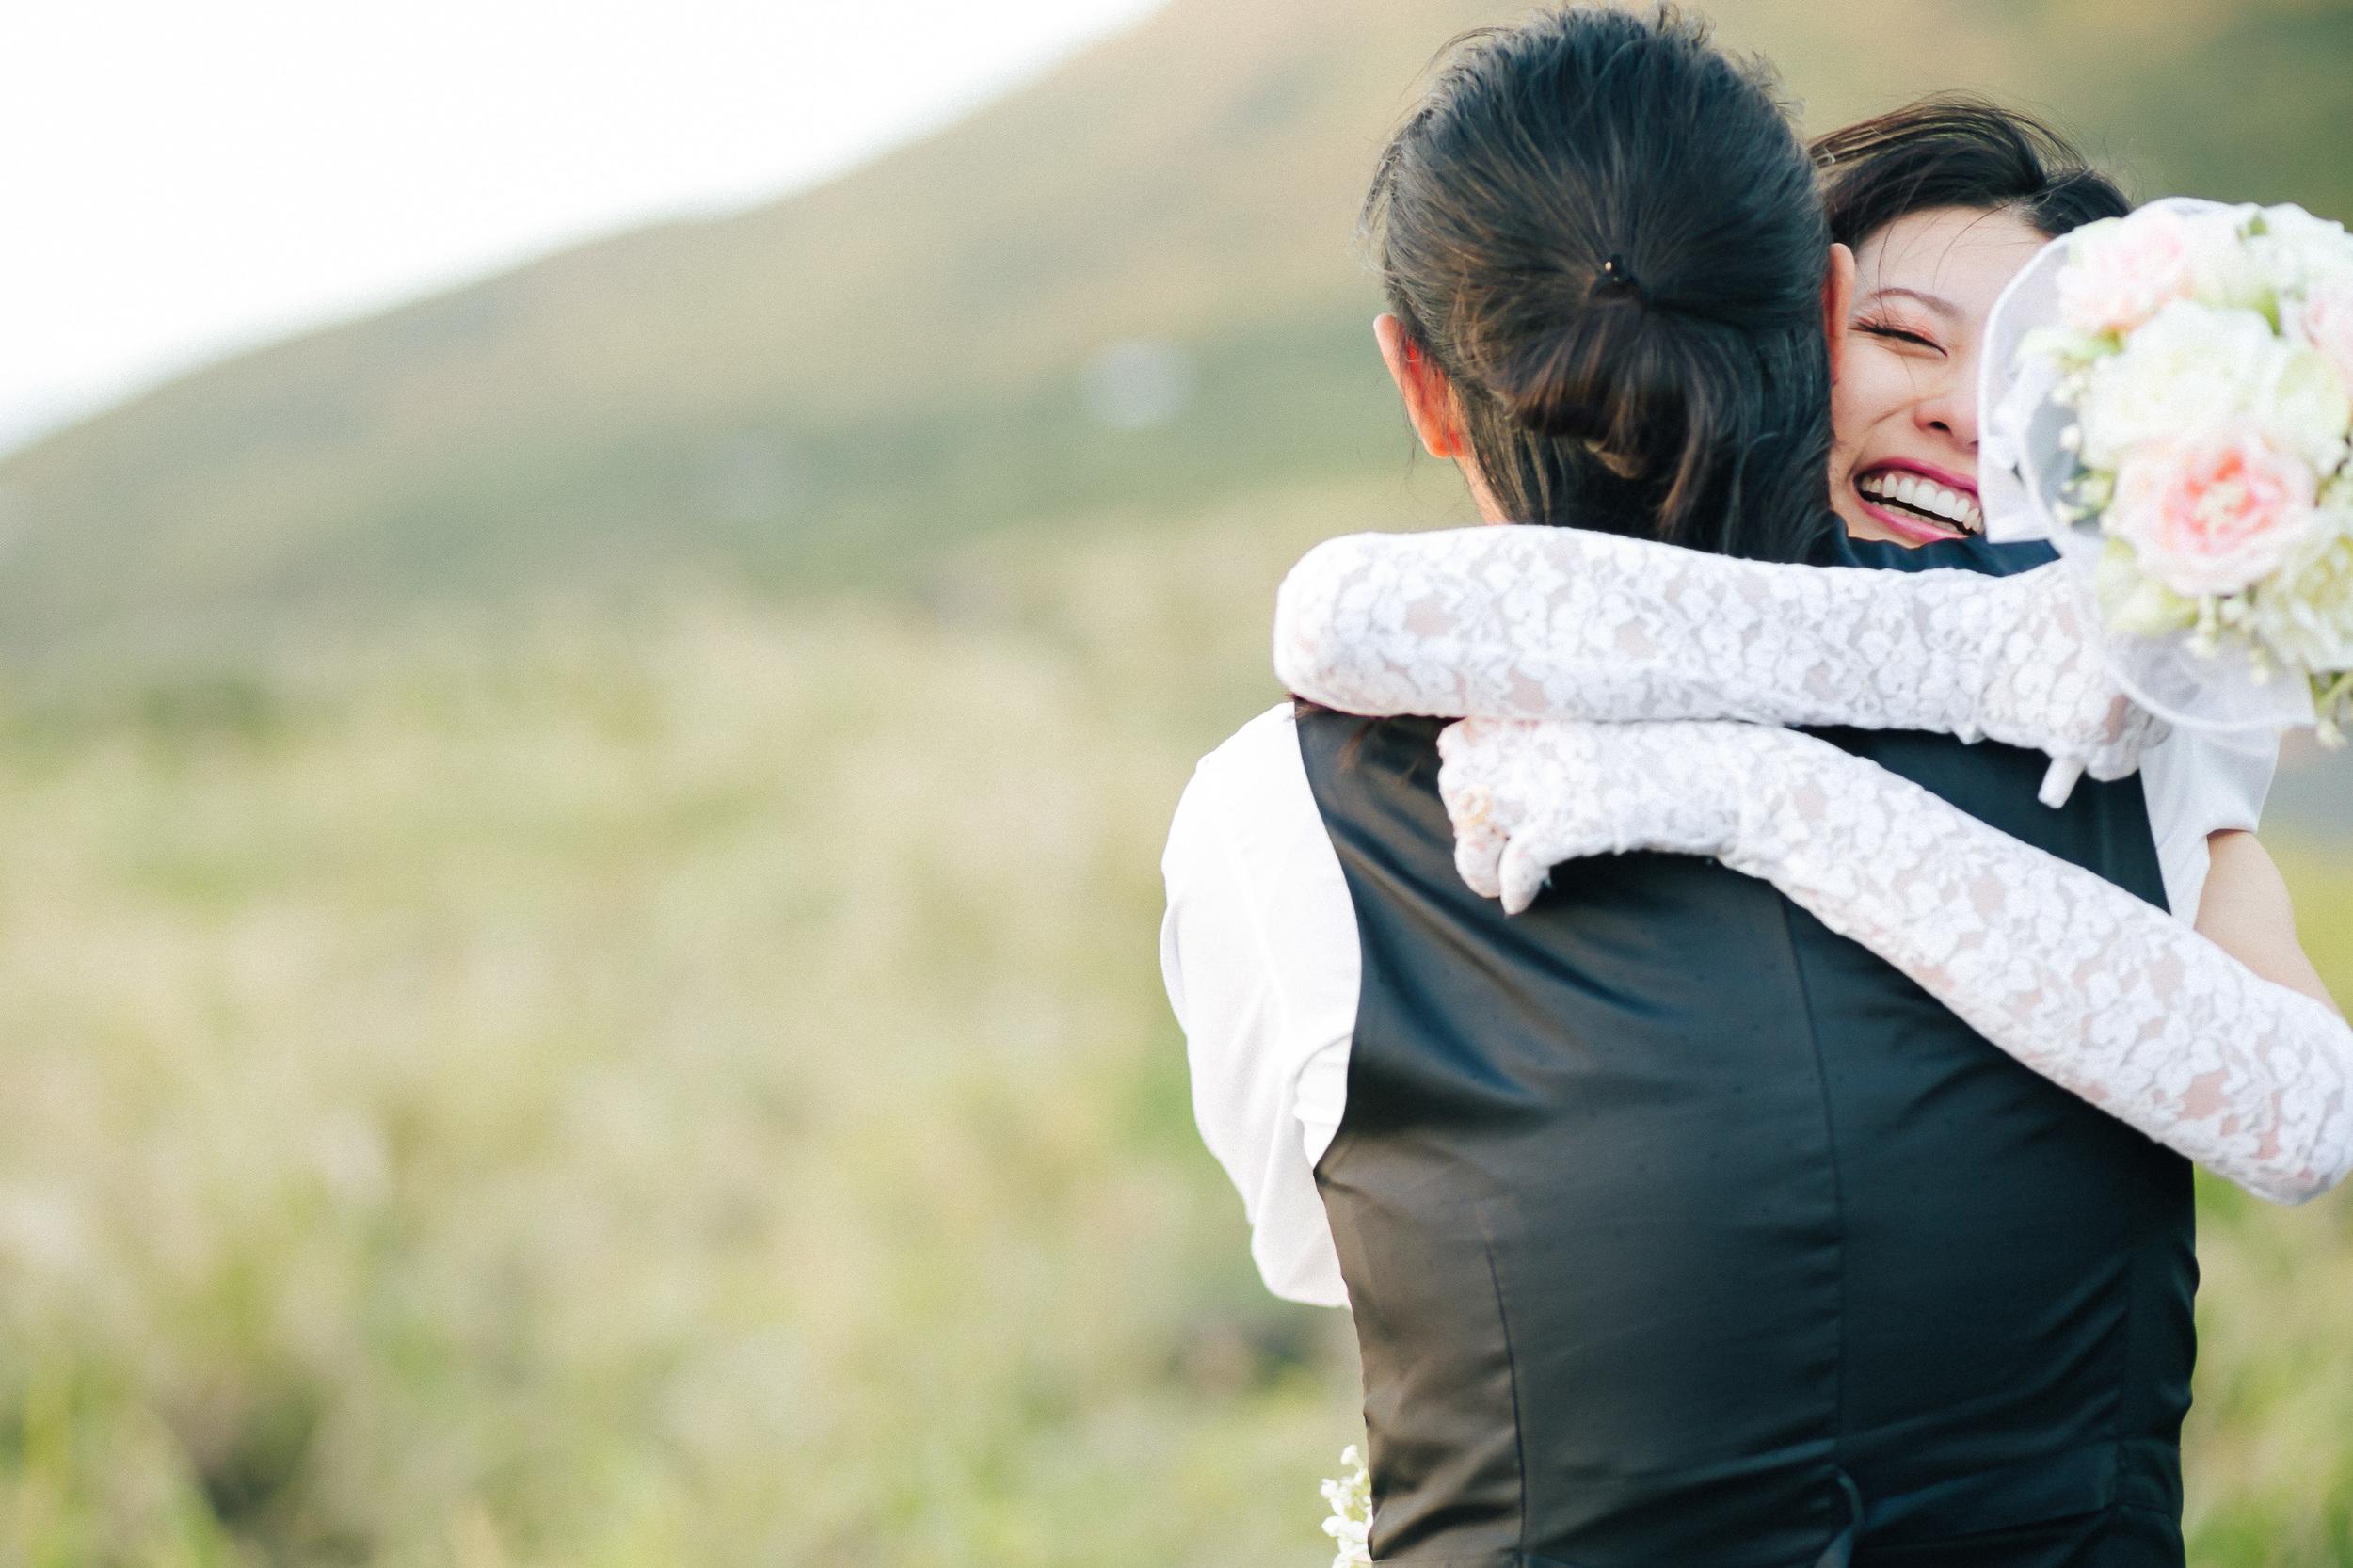 新郎から事前に相談を受け、新婦に内緒で計画したサプライズプロポーズのシーン。新郎新婦は、自分たちとってこれが一番価値のある写真だと話してくれた。